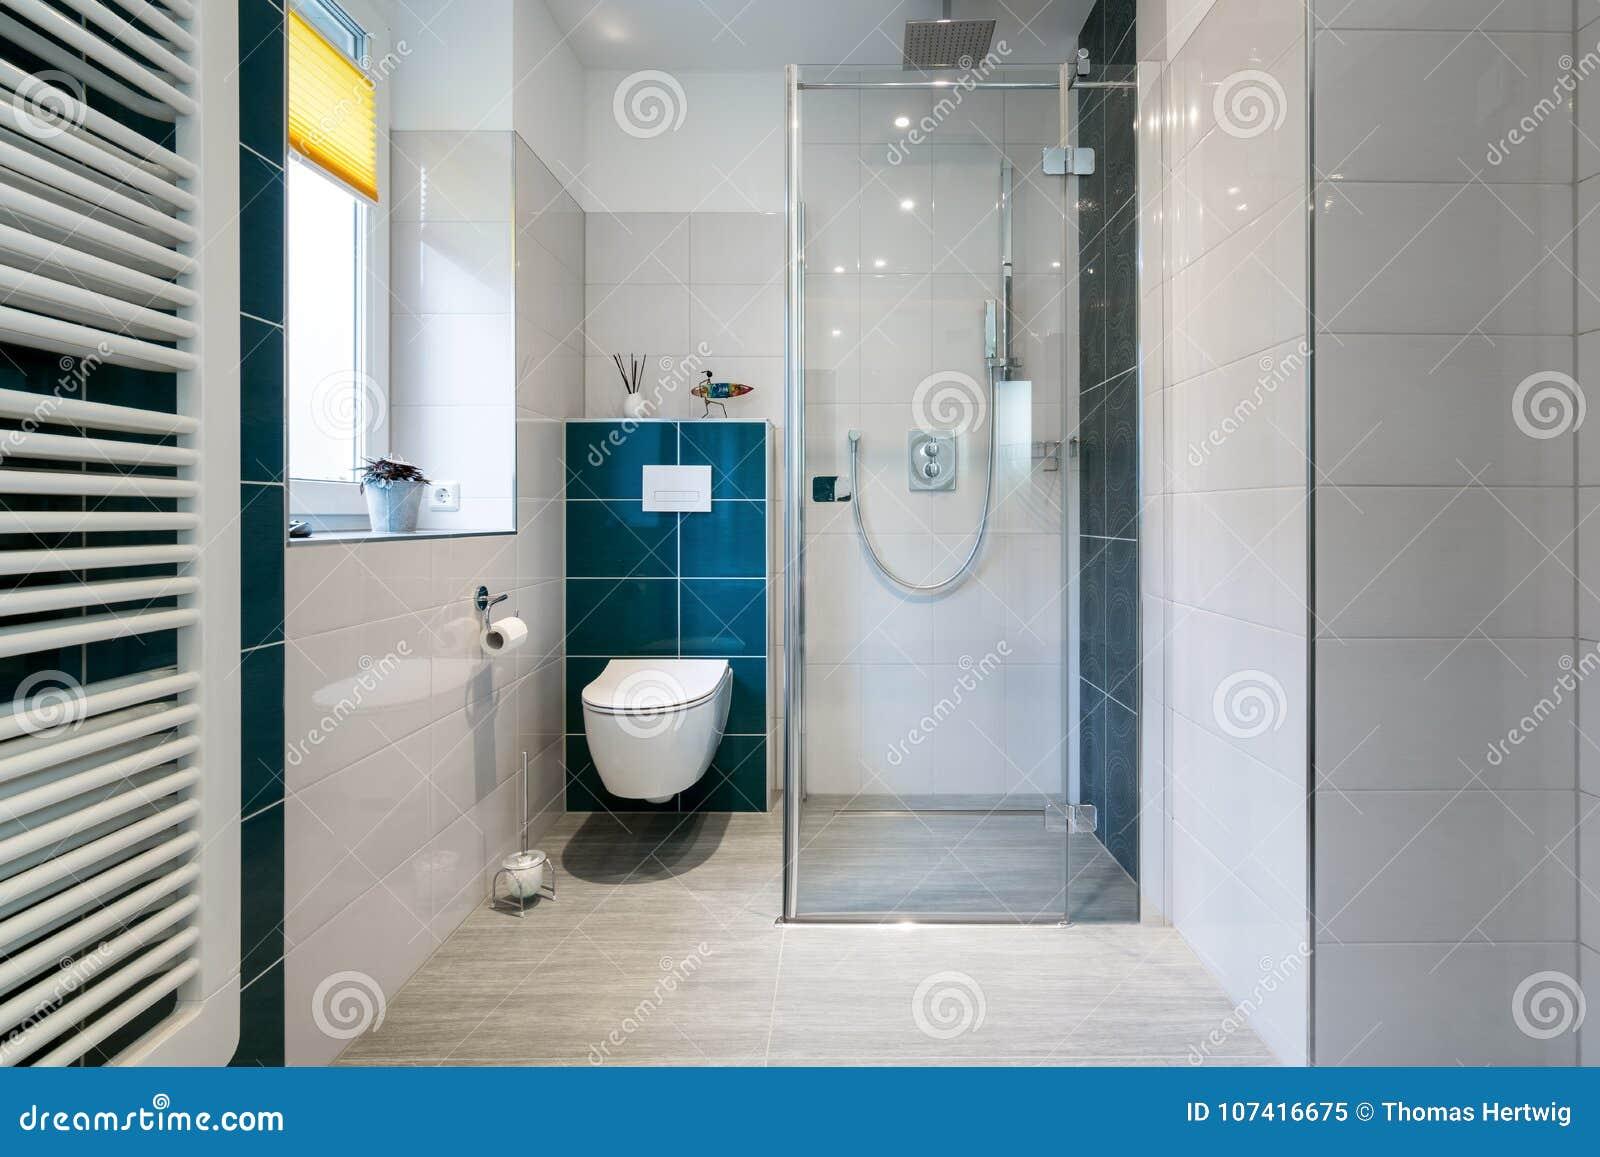 Luksusowa łazienka z spacerem w Szklanej prysznic - Horyzontalny strzał luksusowa łazienka z ampułą, w prysznic